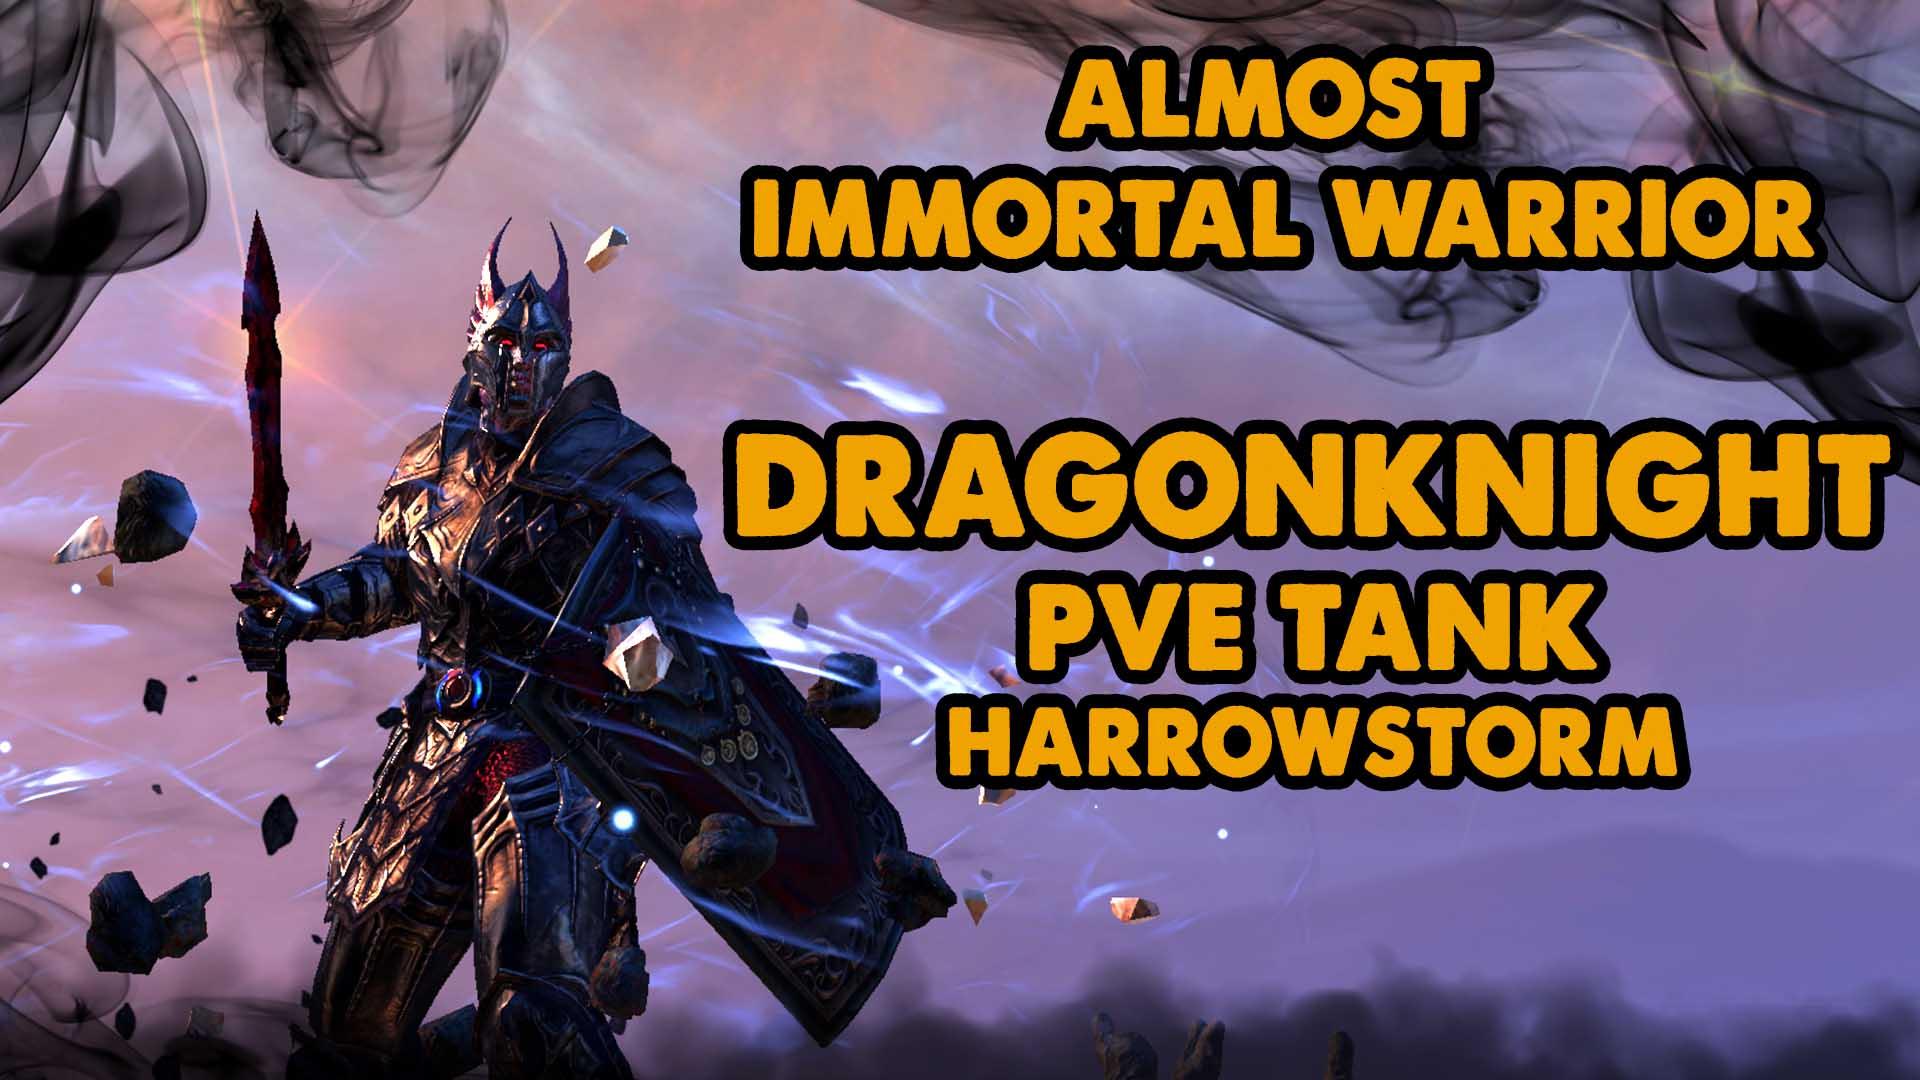 immortal, dragonknight tank